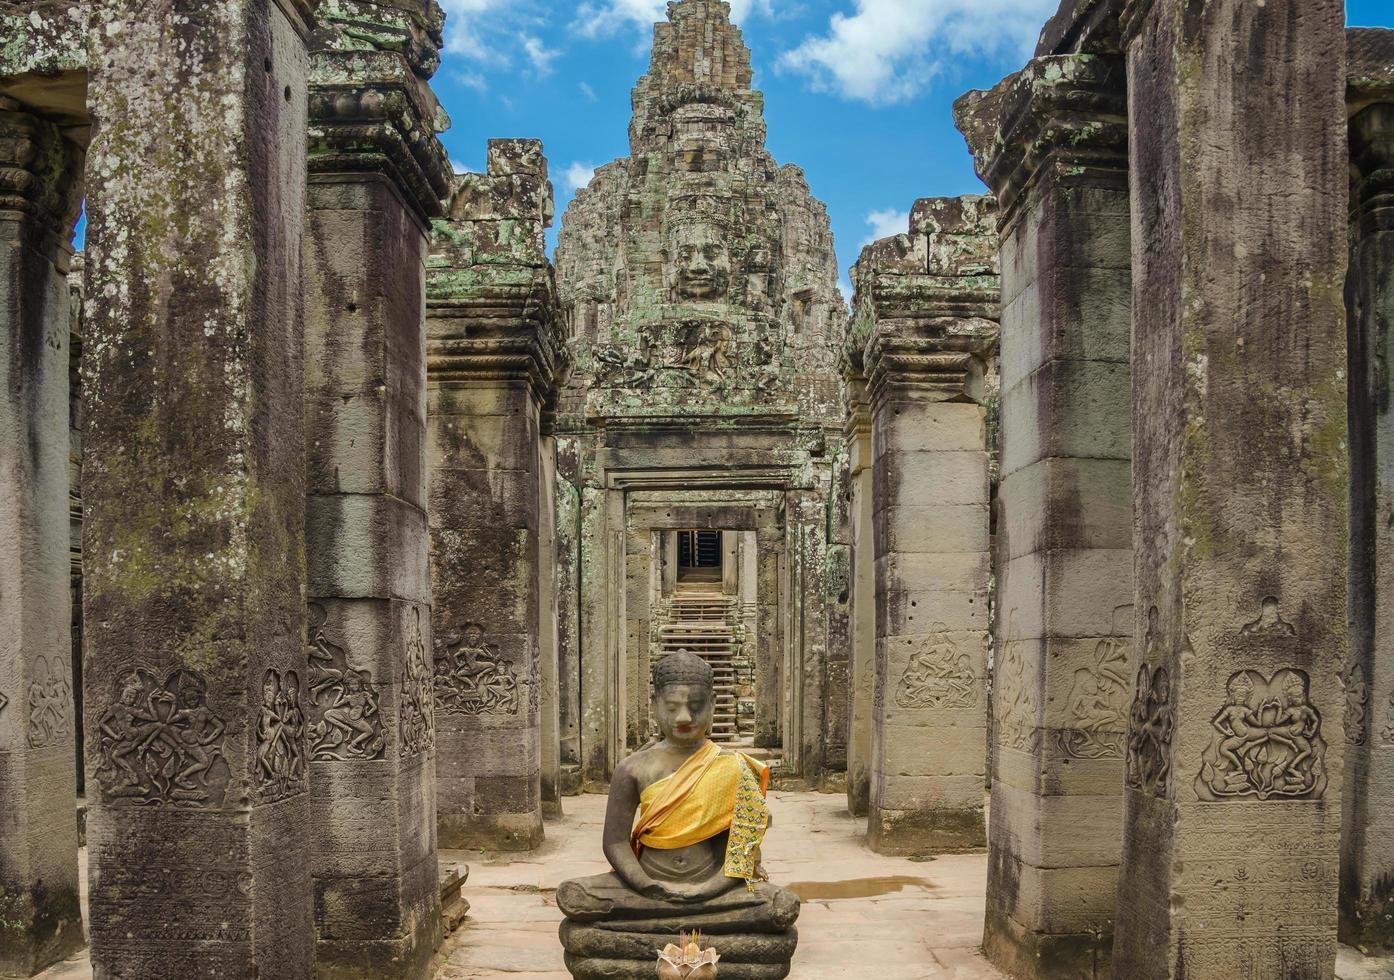 rovine del tempio bayon, angkor wat, siam reap, cambogia foto